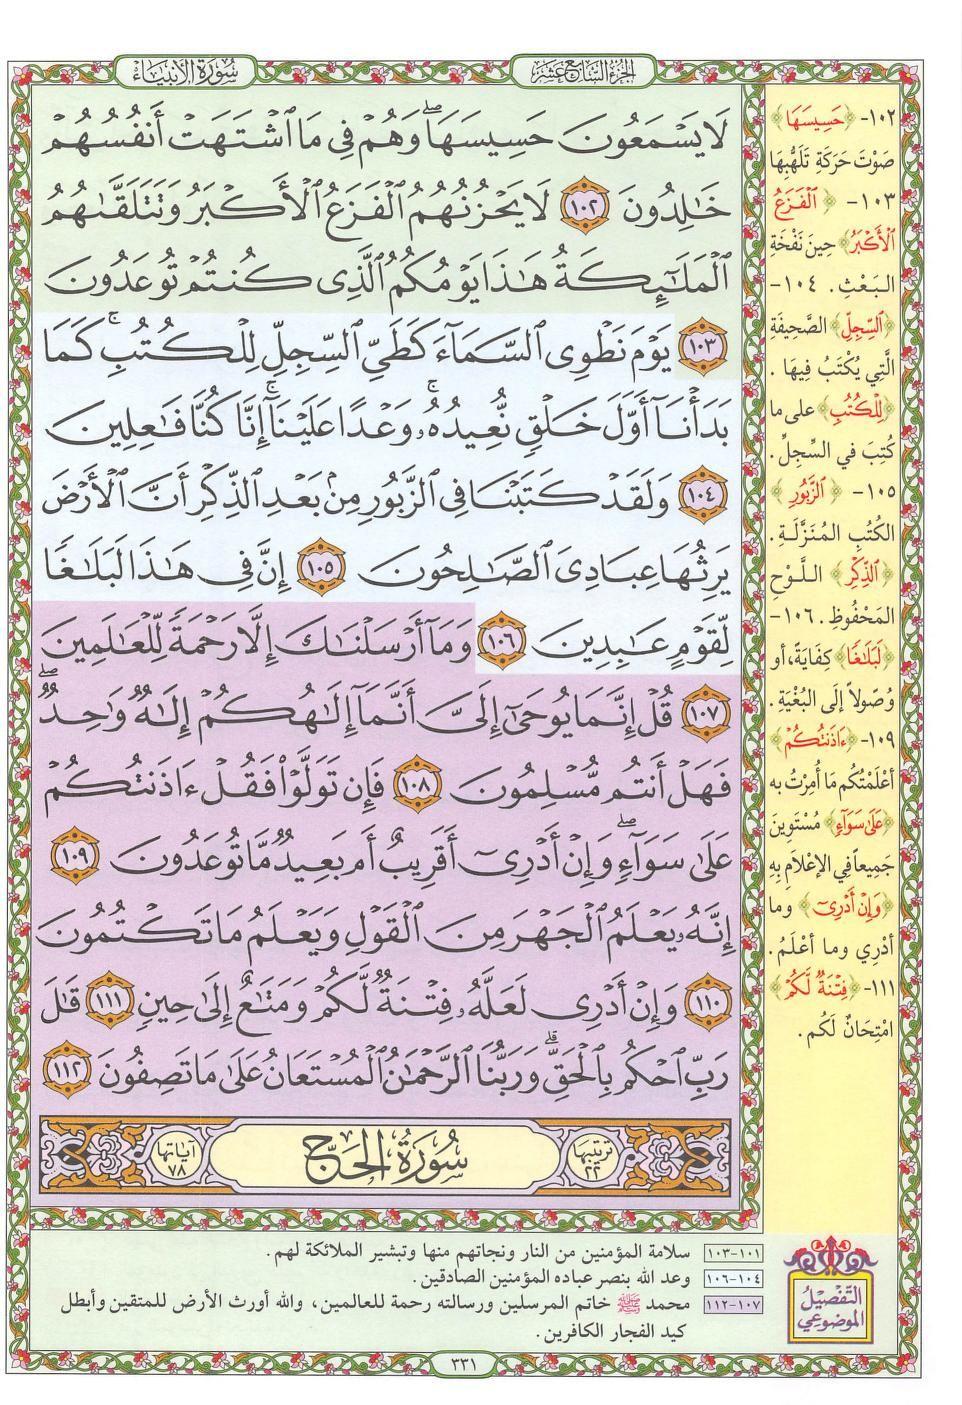 ١٠٢ ١١٢ الأنبياء مصحف التفصيل الموضوعي Holy Quran Book Bullet Journal Quran Book